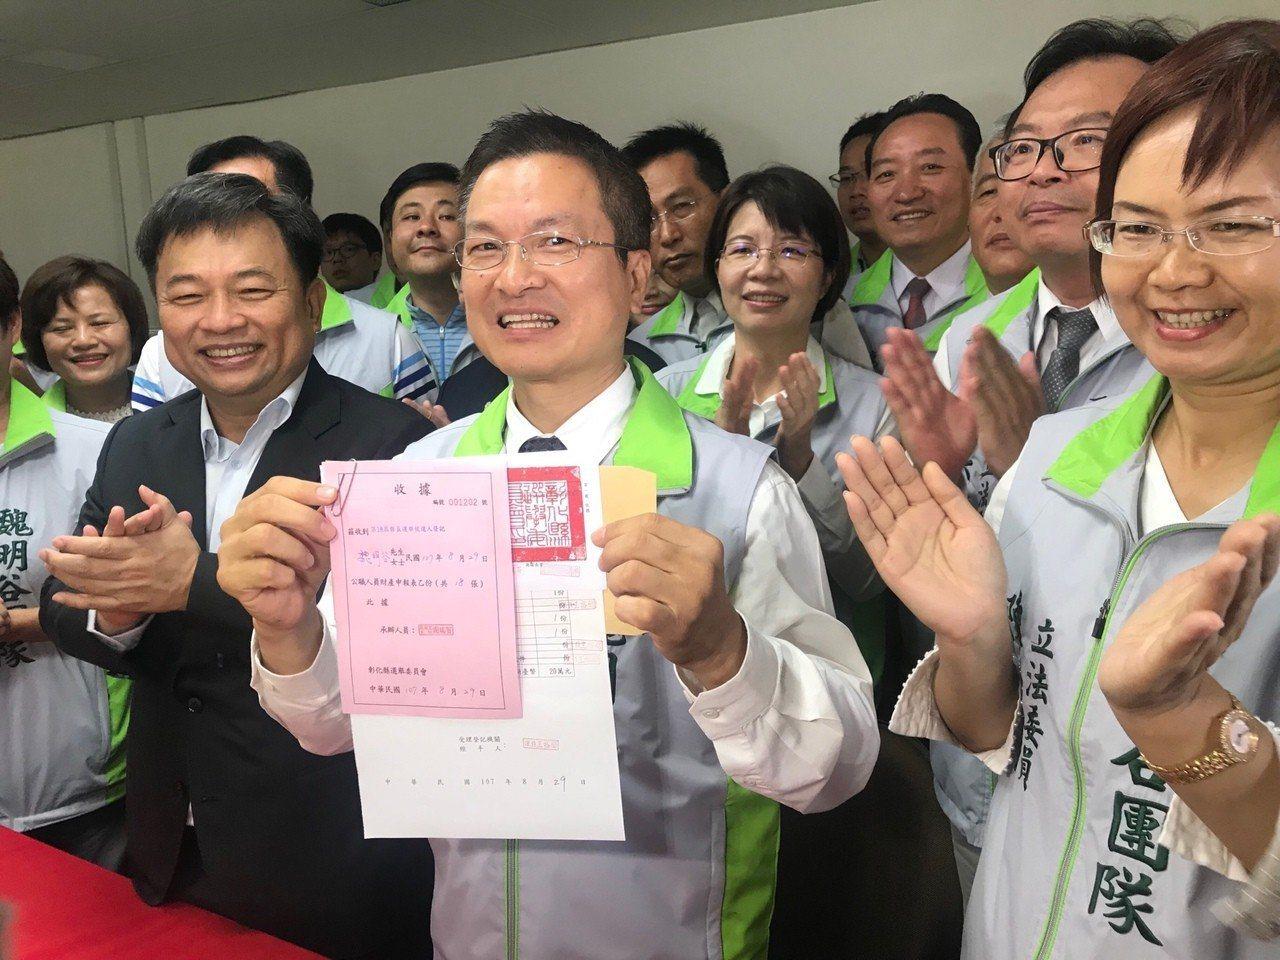 民進黨籍彰化縣長魏明谷爭取連任,但選情膠著。 圖/聯合報系資料照片